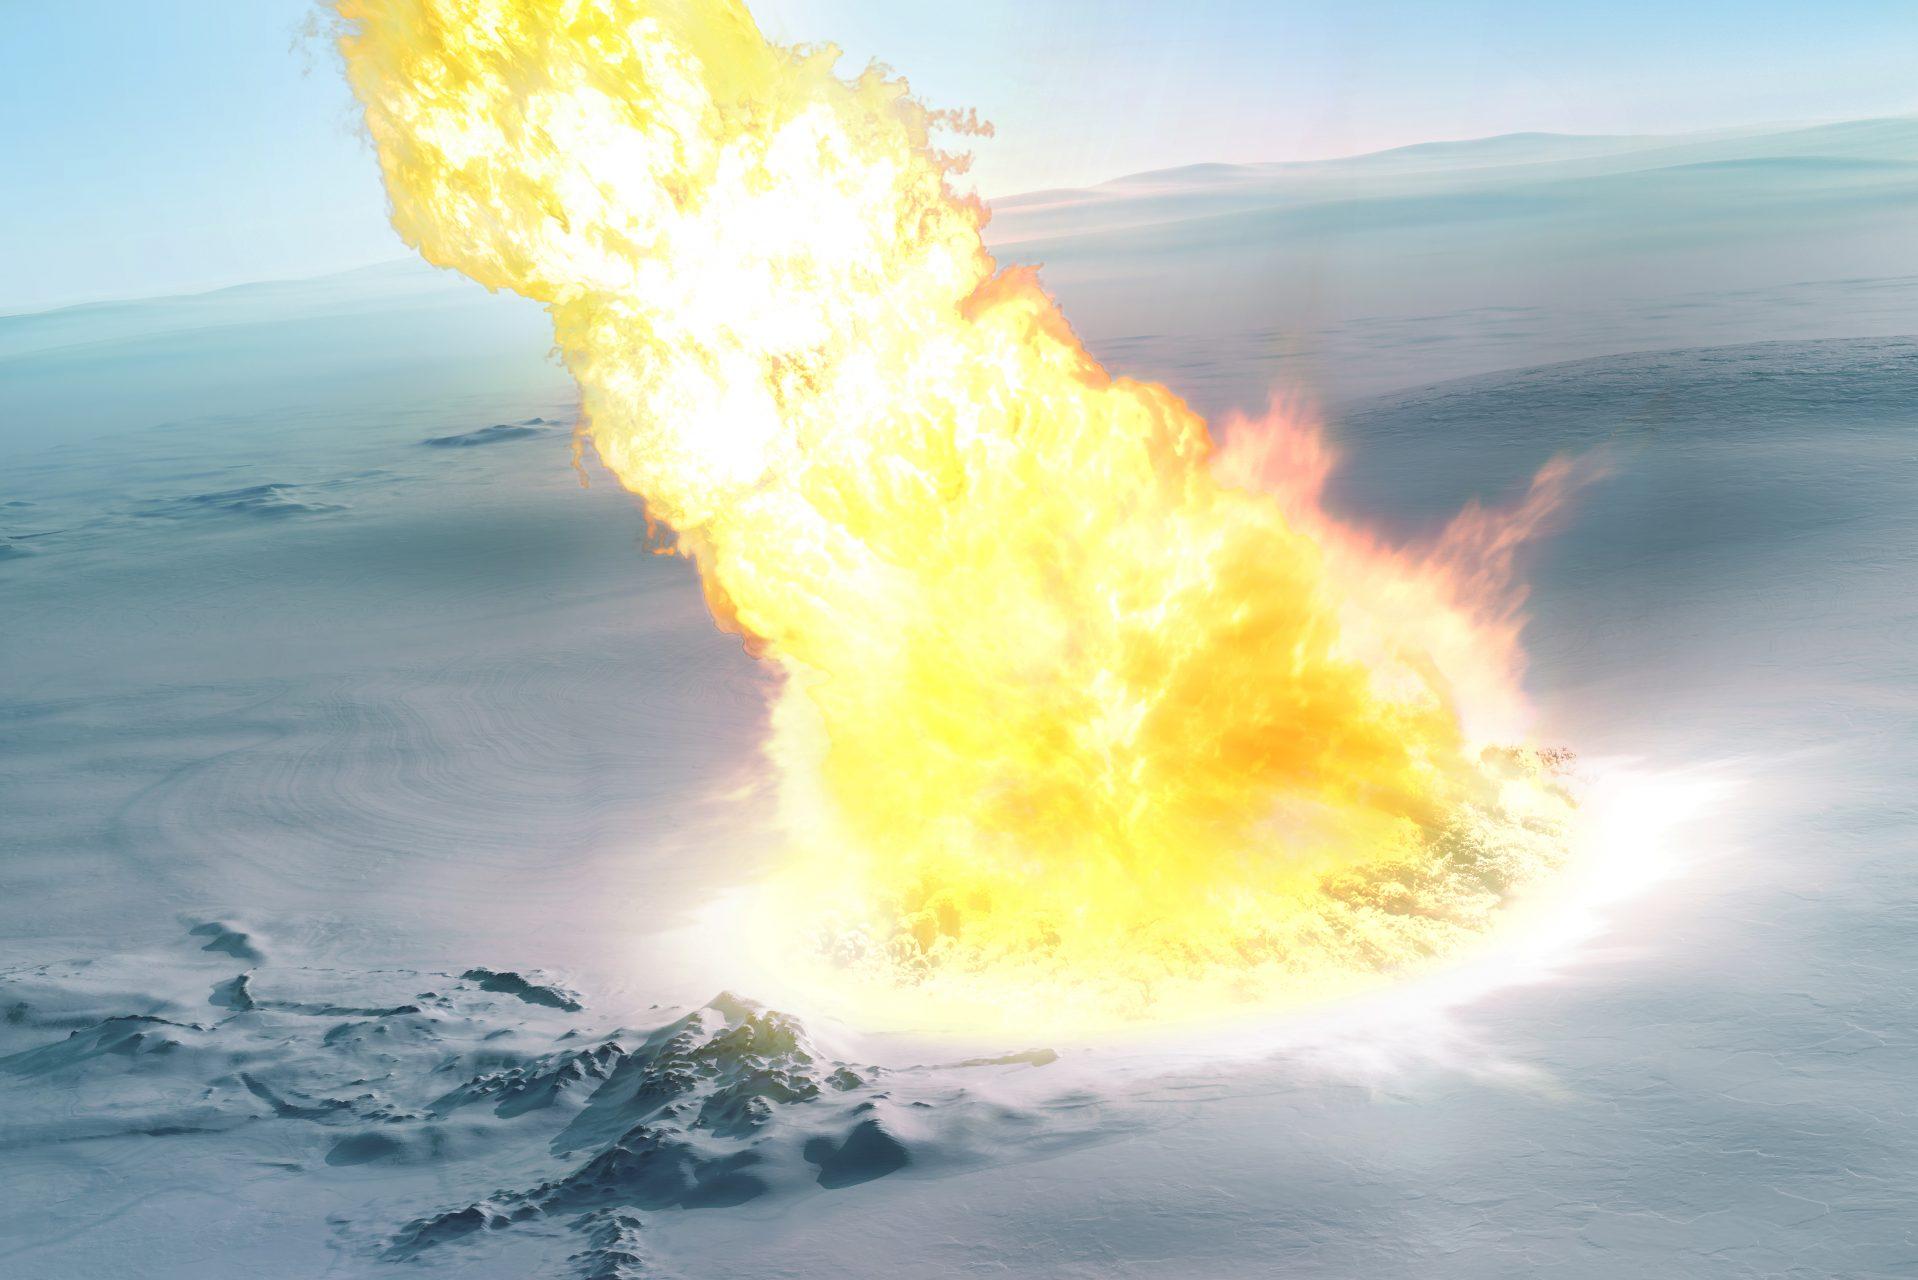 南極大陸に落下した隕石による火柱のアーティストイメージ。